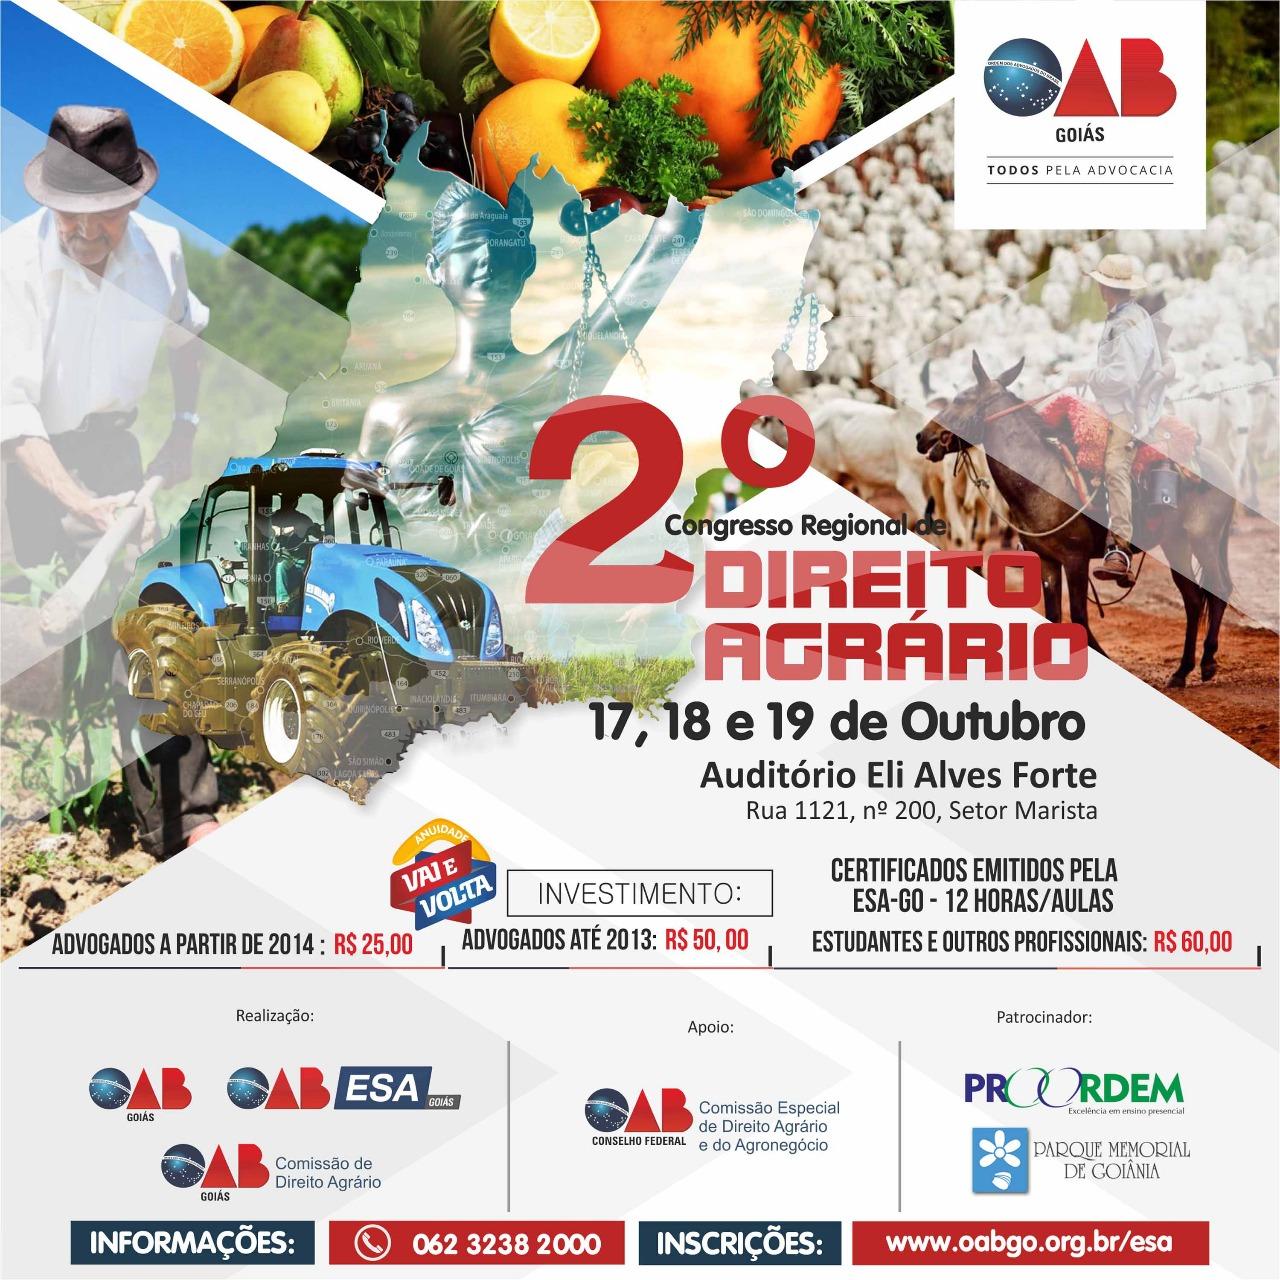 Últimas vagas disponíveis para 2º Congresso Regional de Direito Agrário